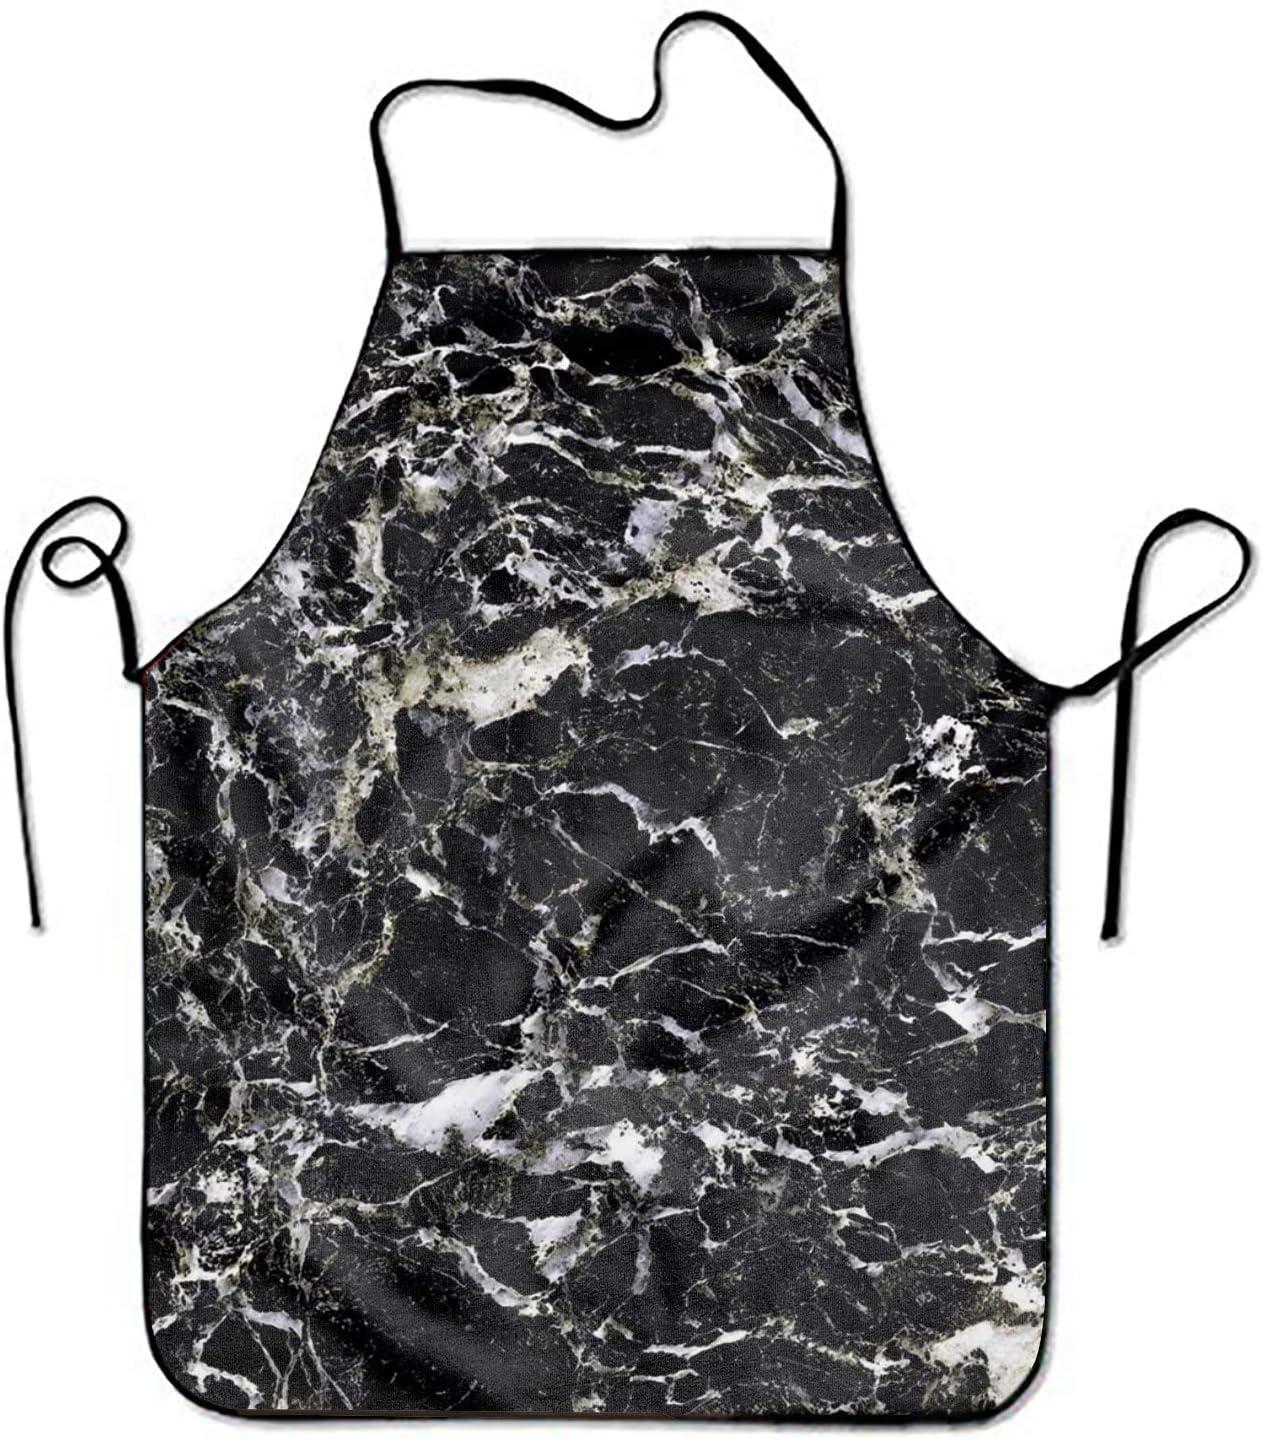 Not Applicable Delantal Ajustable de mármol Natural Negro para Cocina Barbacoa Barbacoa Cocina Mujeres 's Hombres' s Gran Regalo para Esposa Damas Hombres Novio